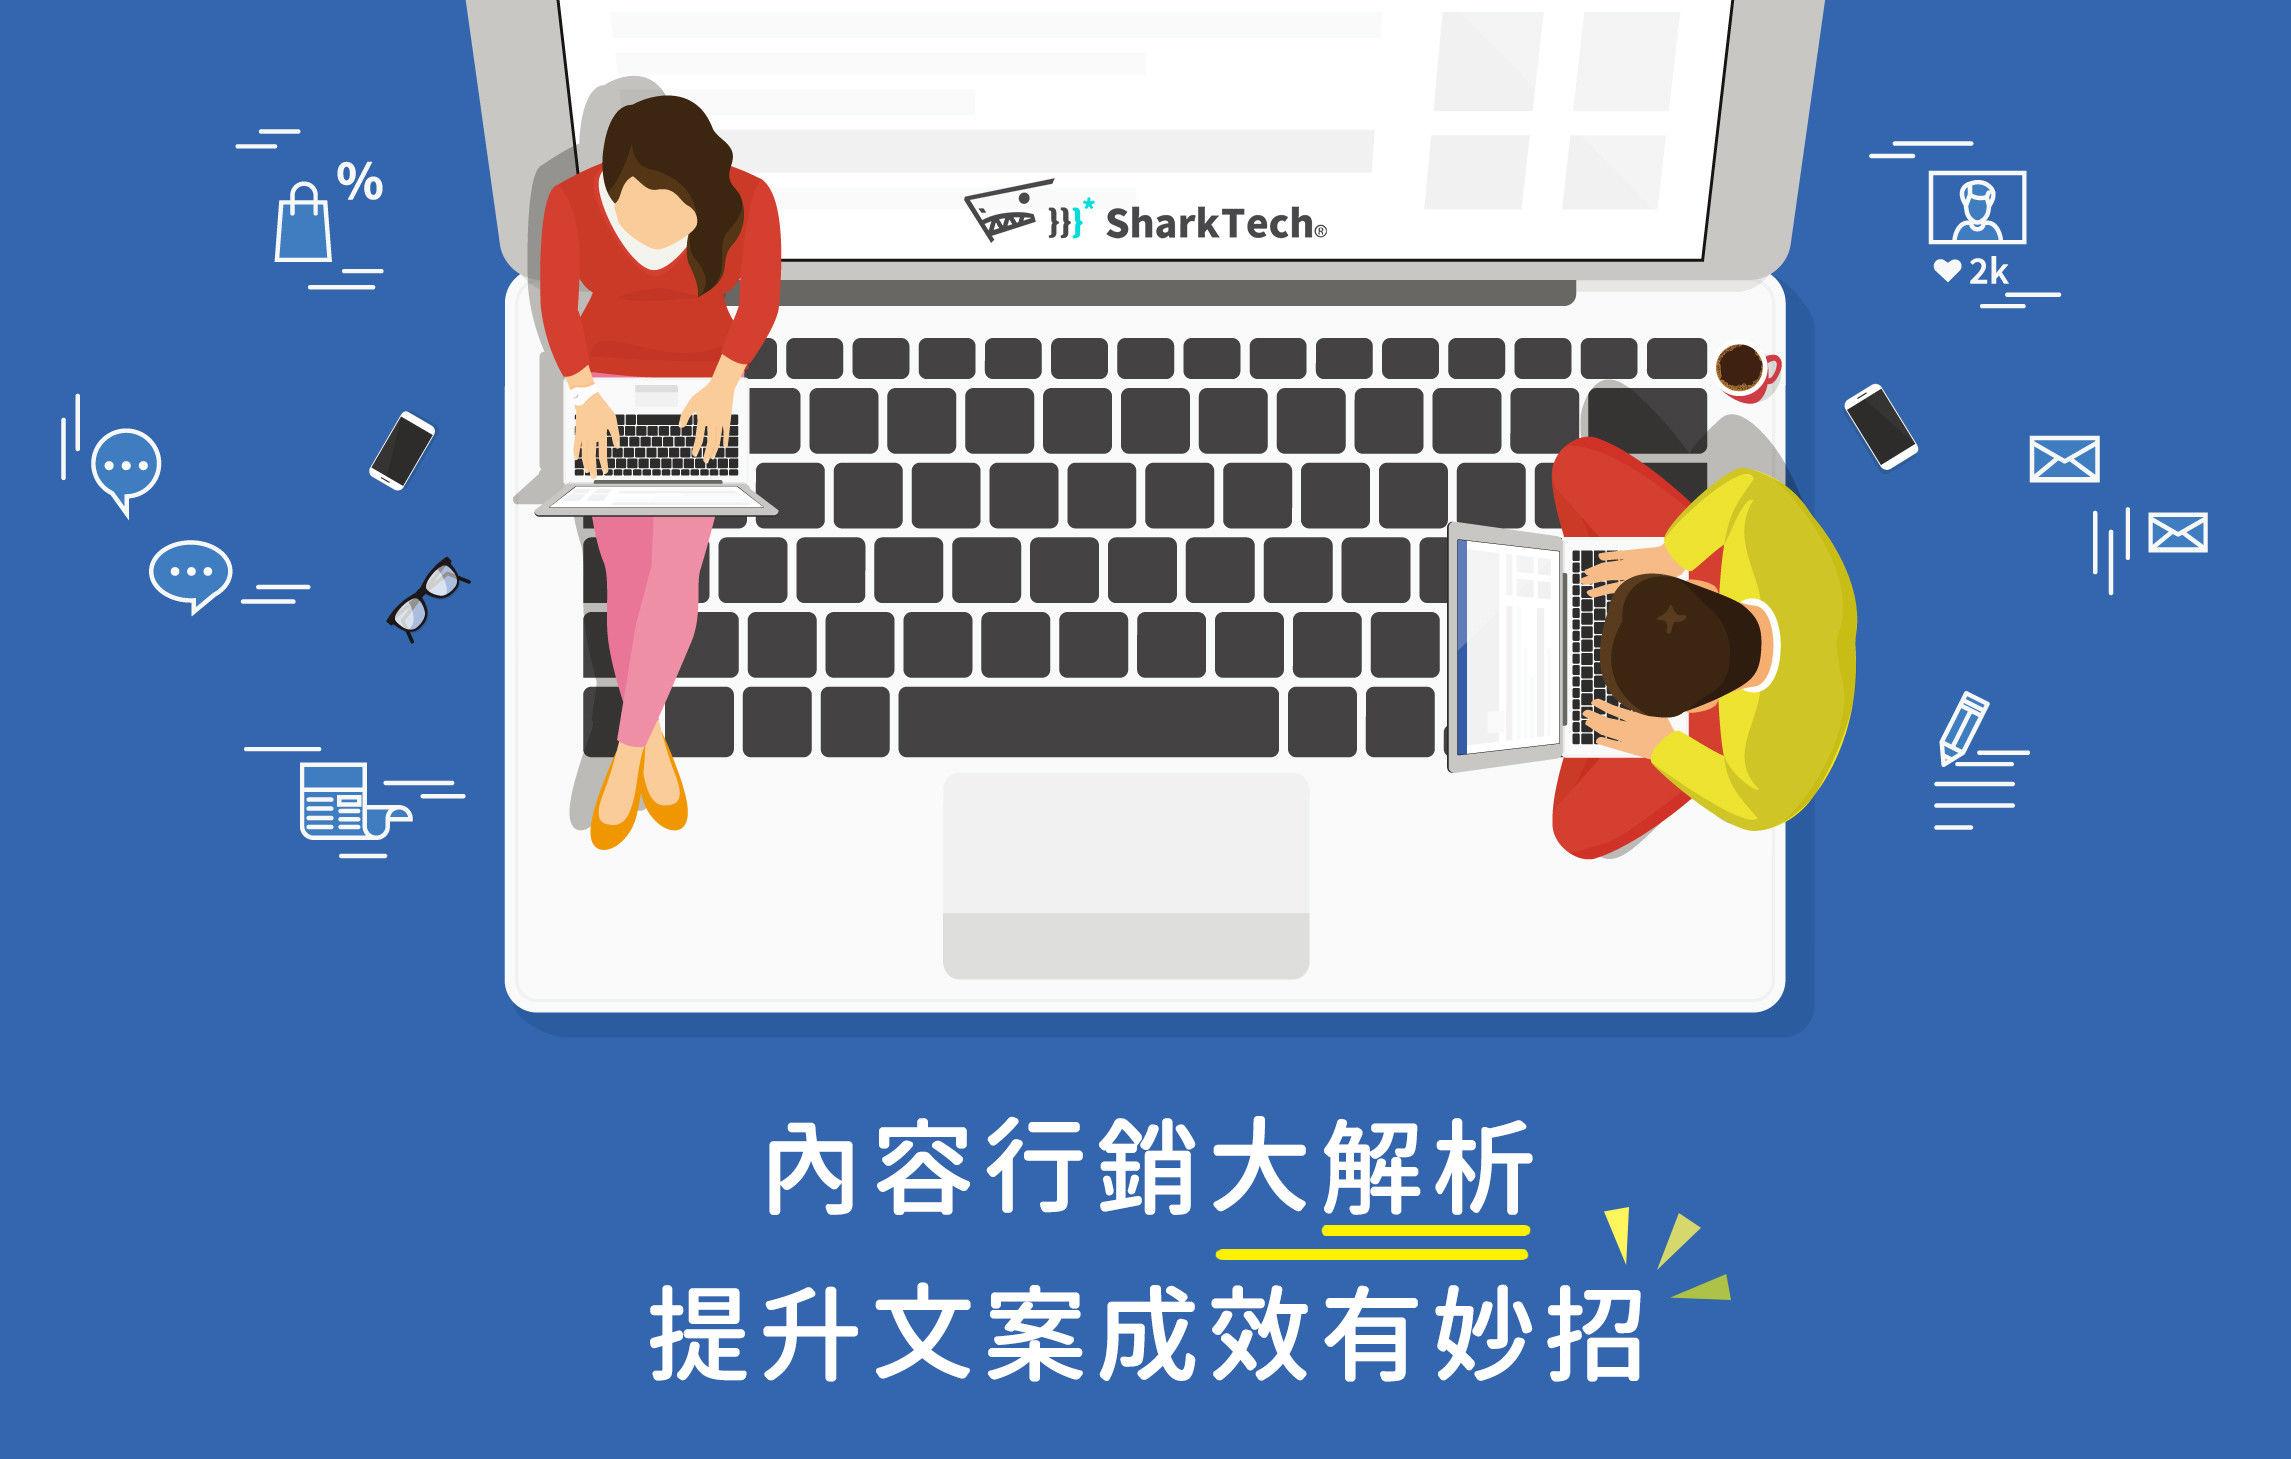 關鍵字排名內容行銷分析,提升文案撰寫成效|鯊客科技SEO優化顧問公司